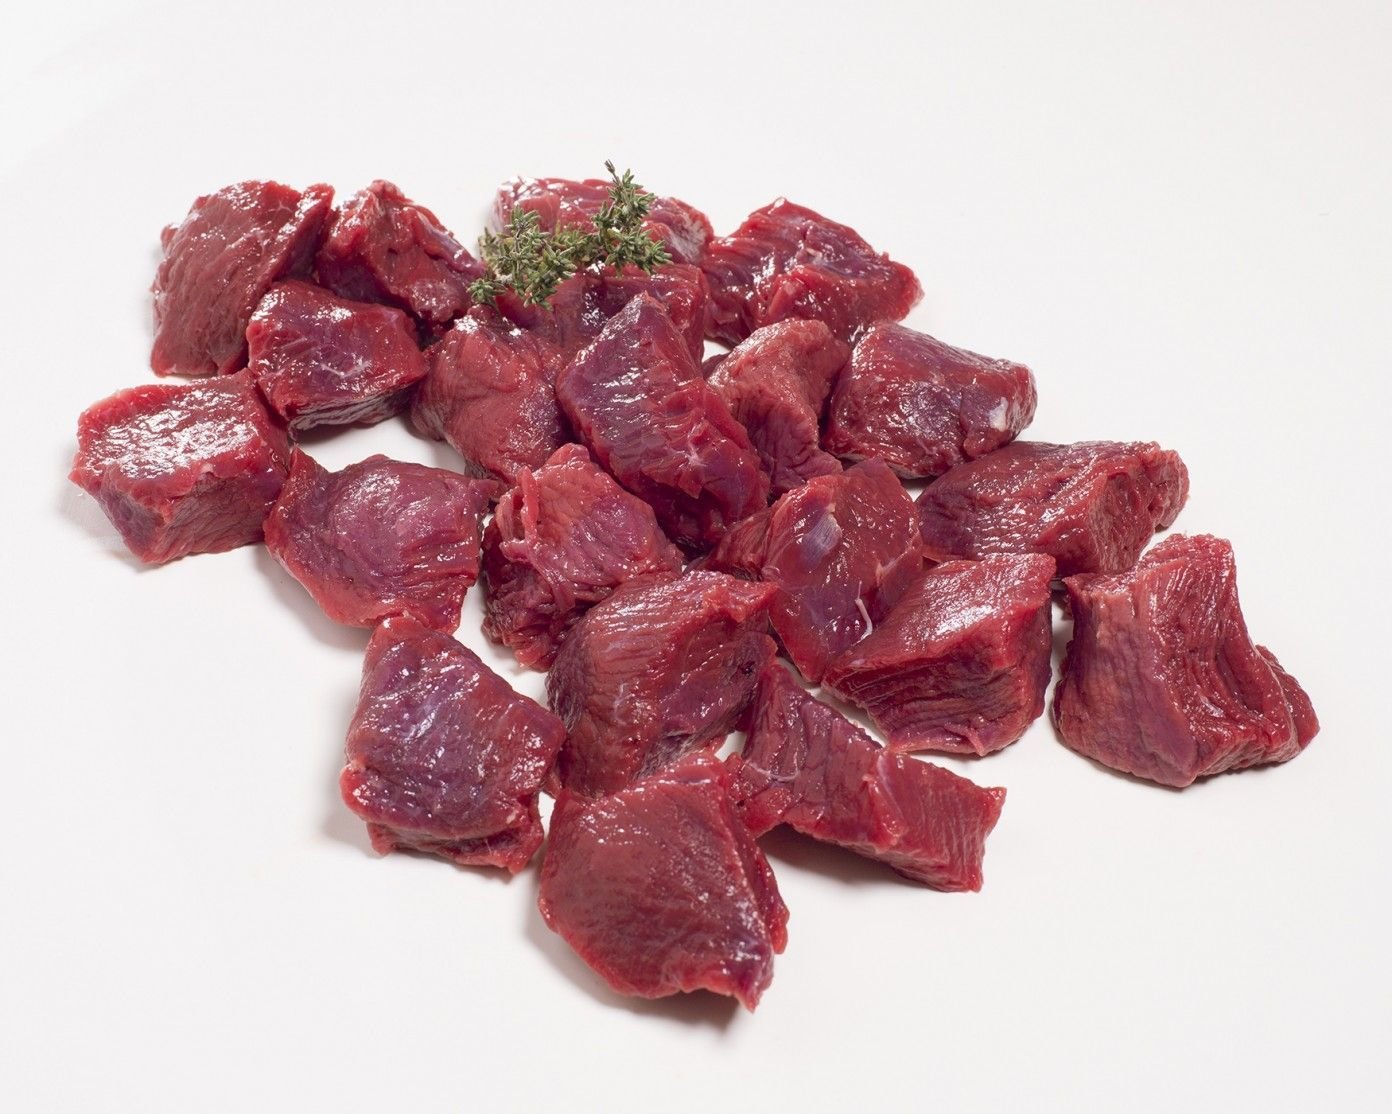 Ree edelgoulash +-2,5kg (prijs per kg)